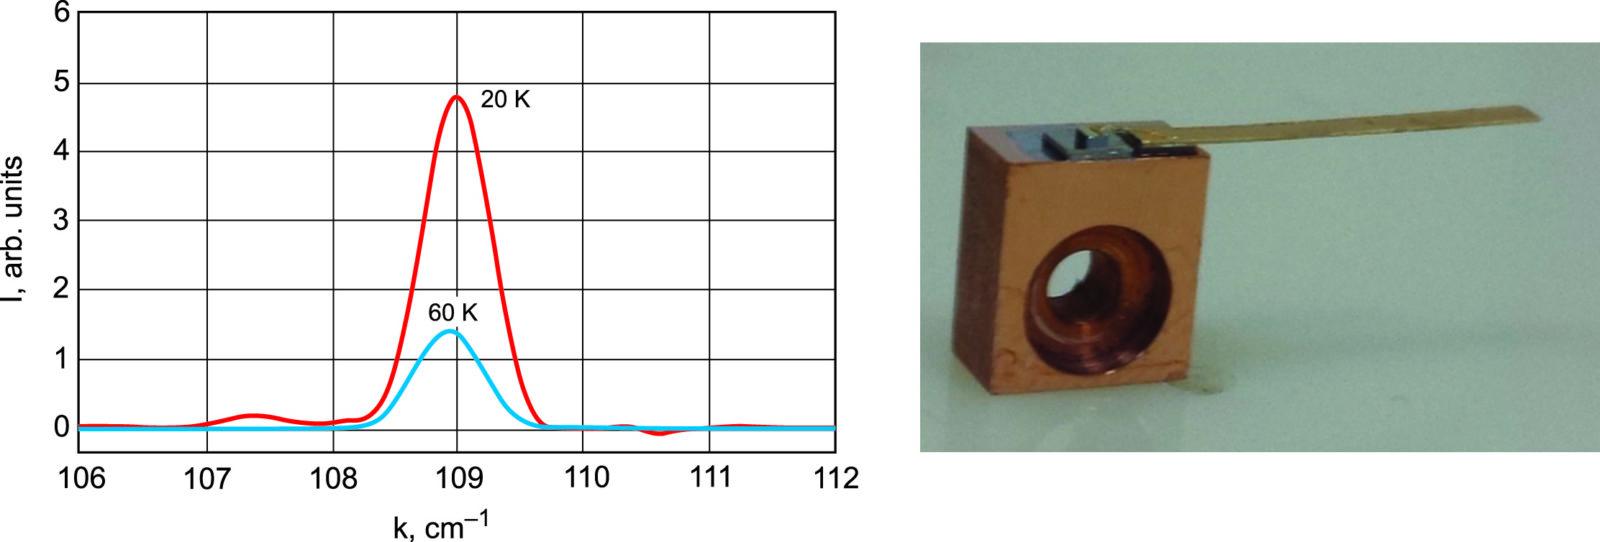 Спектральная характеристика и фотография изготовленного ТГц ККЛ-лазера